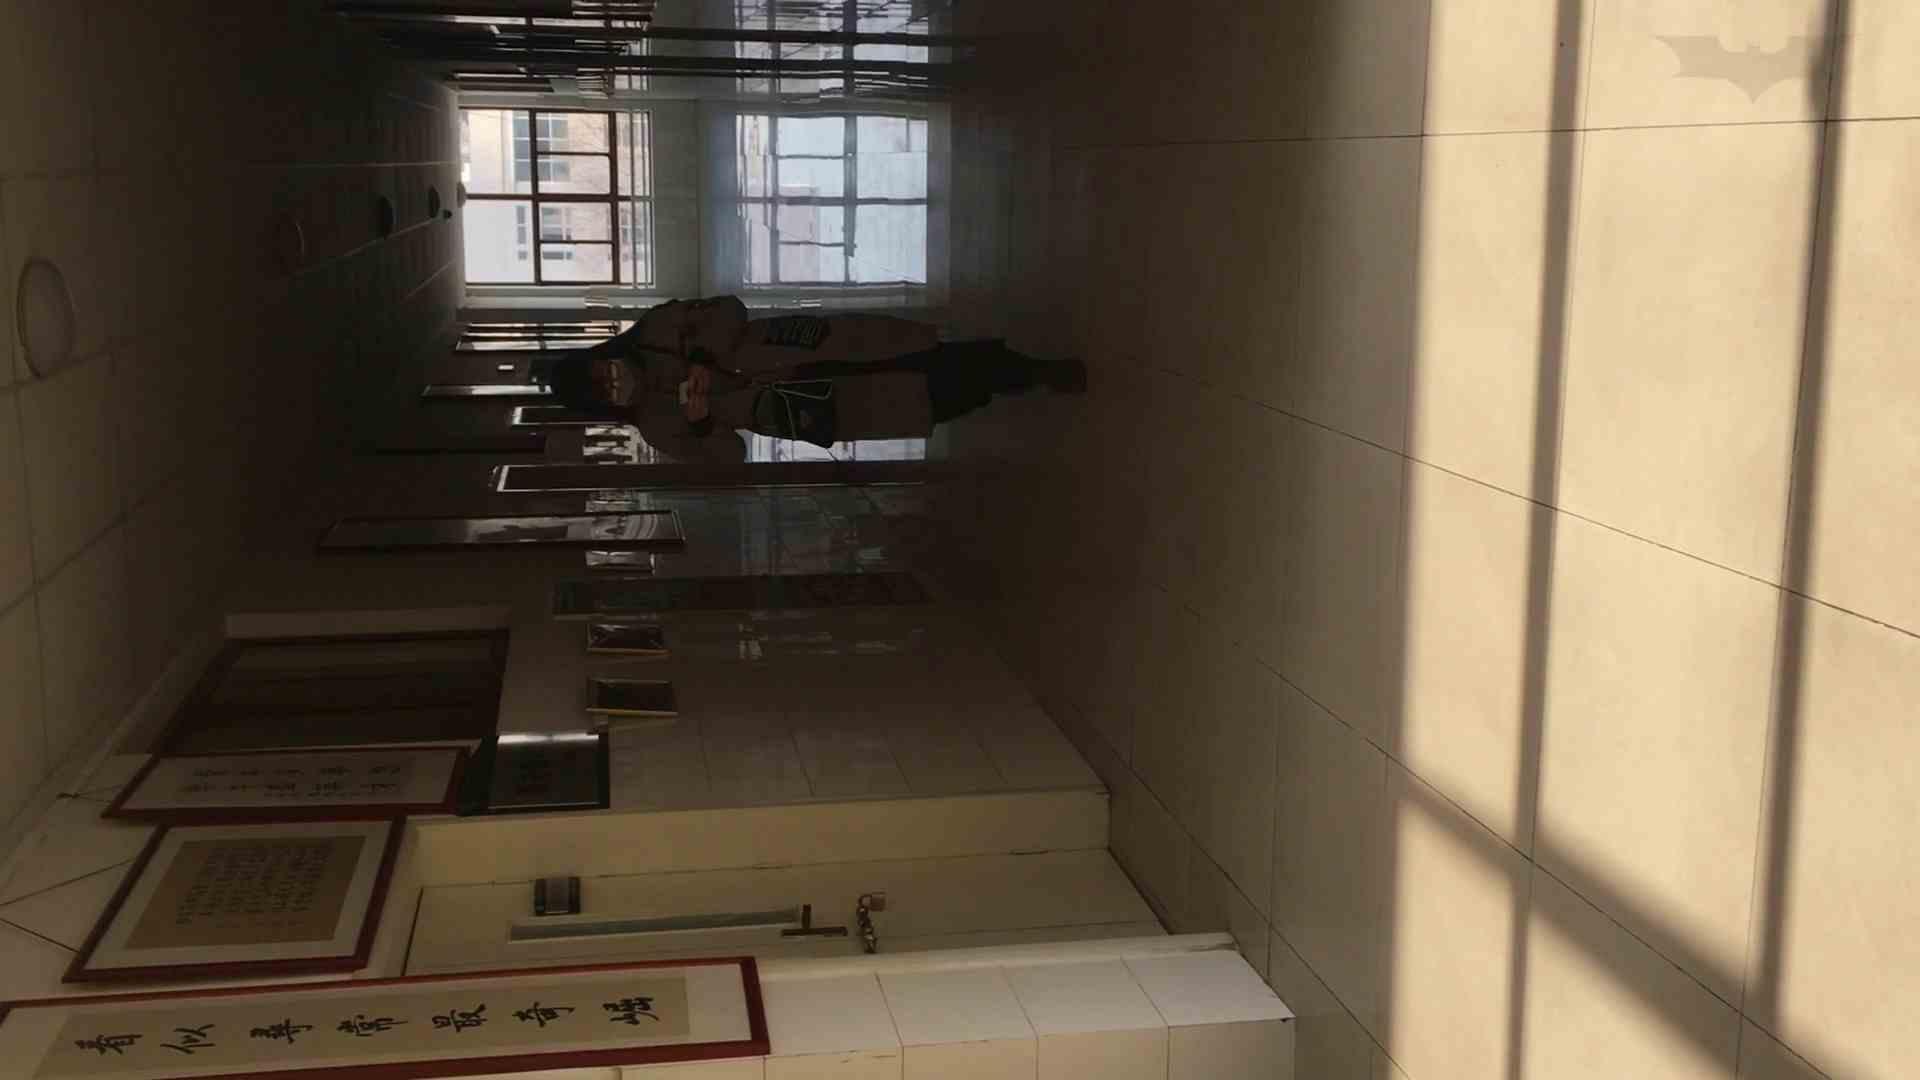 芸術大学ガチ潜入盗撮 JD盗撮 美女の洗面所の秘密 Vol.88 美肌   細身女性  56画像 45